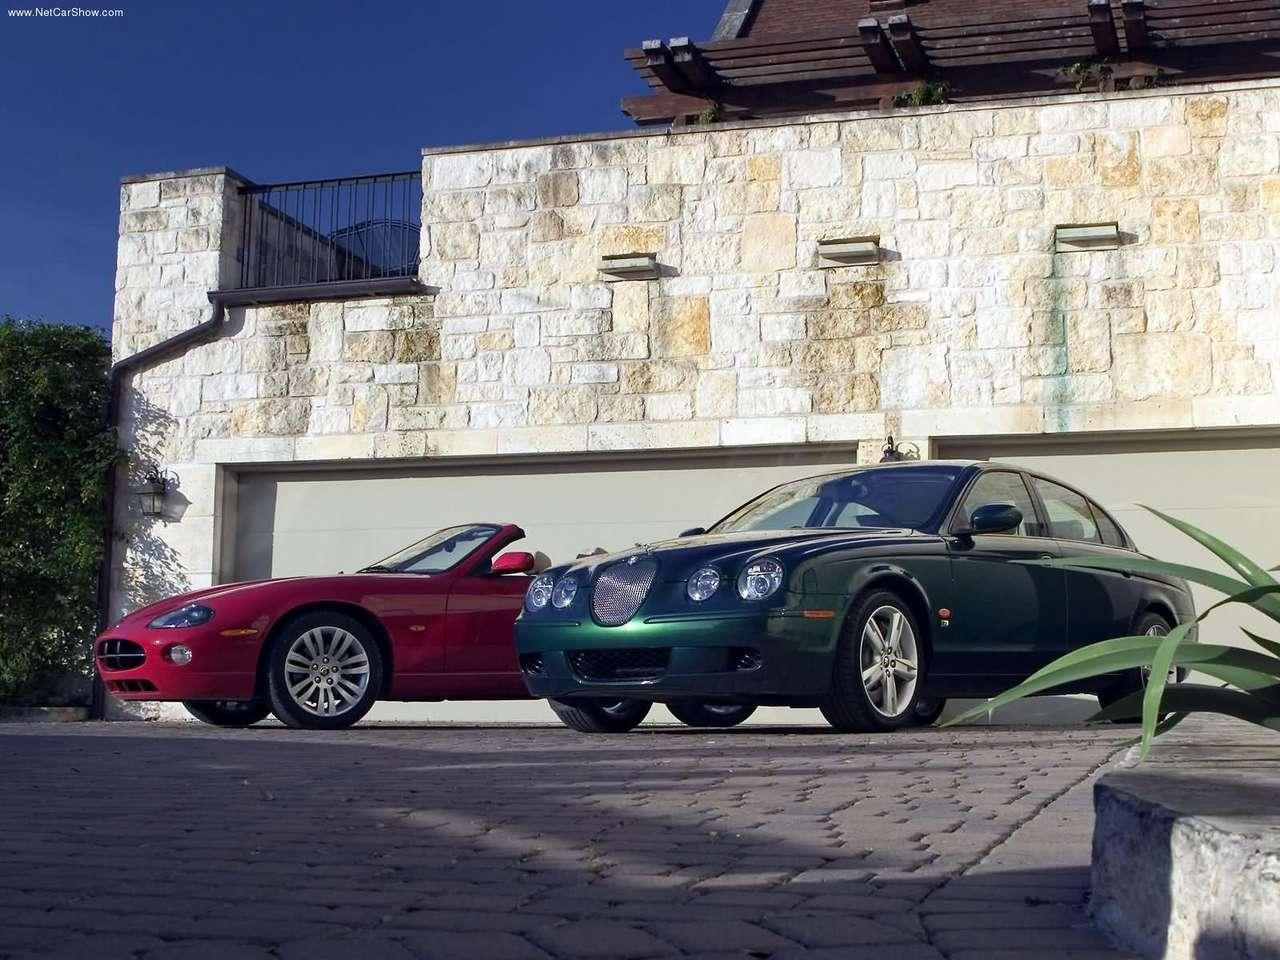 http://2.bp.blogspot.com/-O1W0q4gK9gk/TZiqS-LoyvI/AAAAAAAACec/3-buvBQI0eY/s1600/Jaguar-XK8_Convertible_2005_1280x960_wallpaper_08.jpg